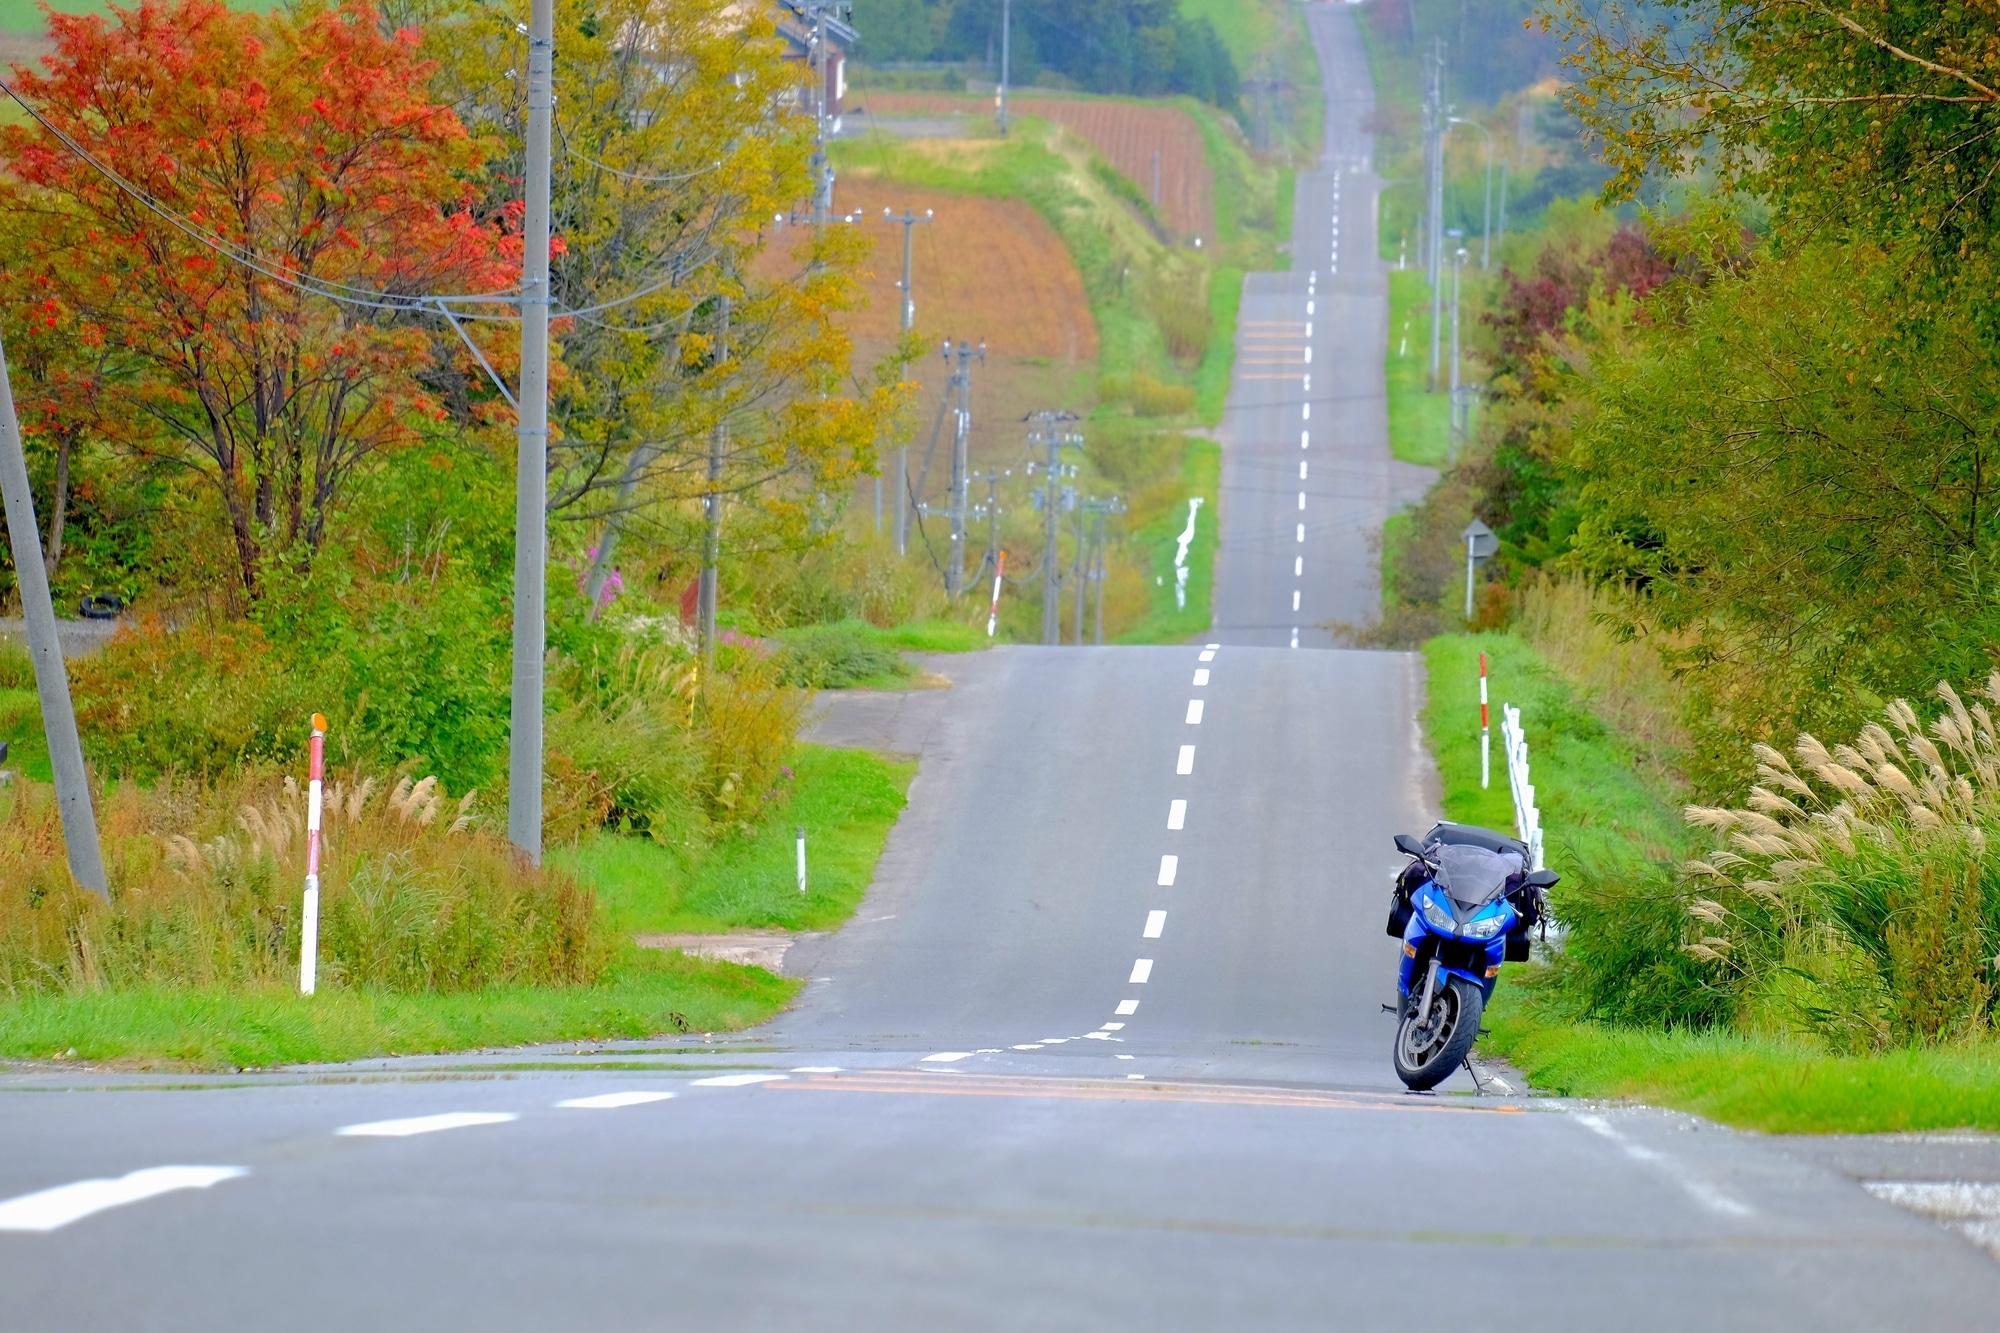 季節に合わせて雰囲気をガラリ!秋のメンズライダースコーデ!